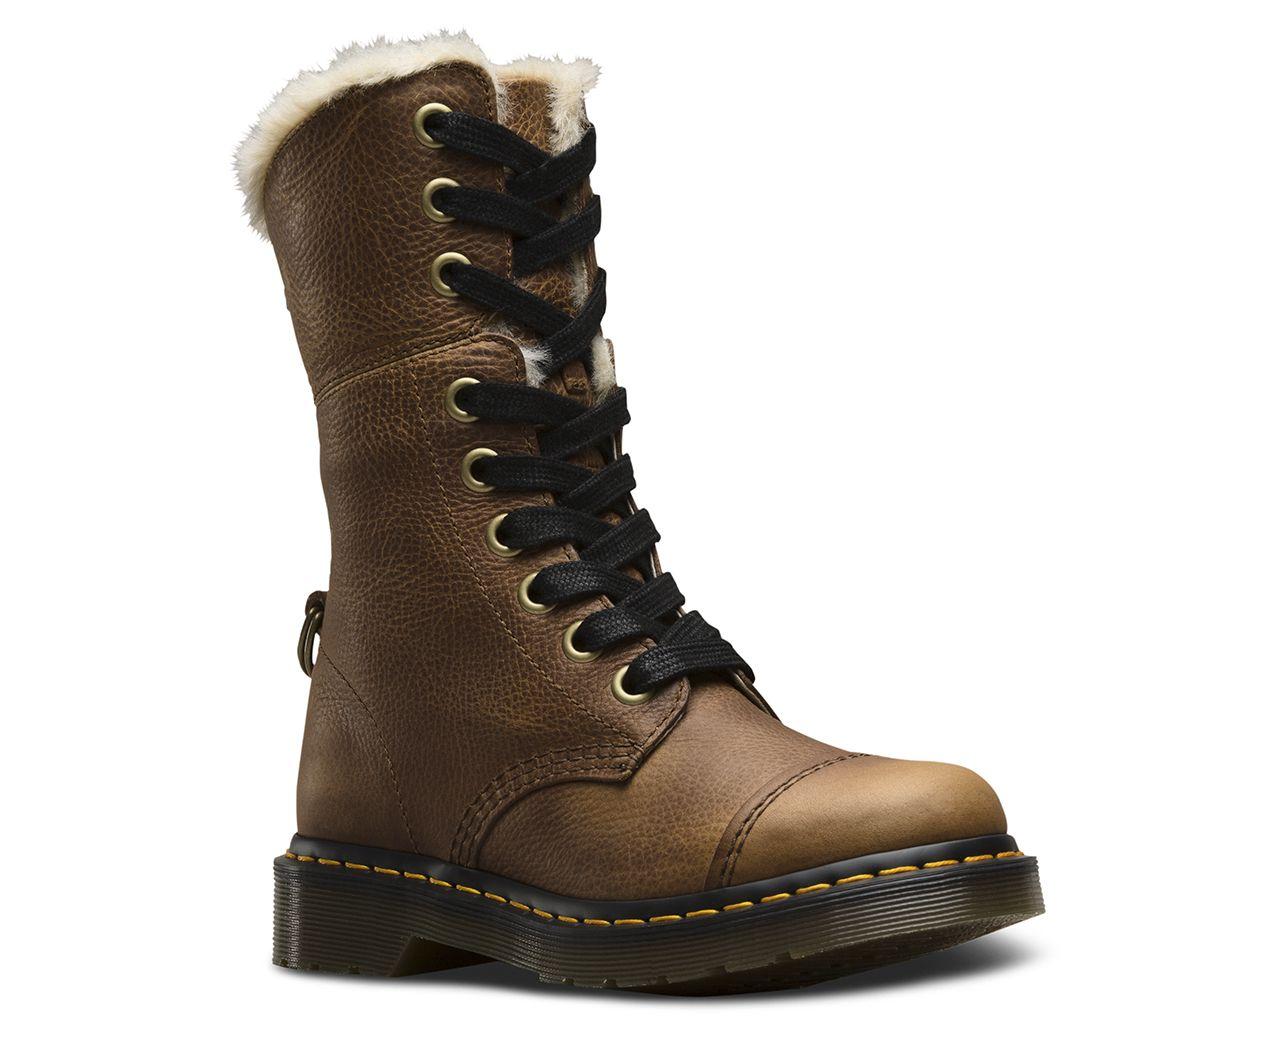 Boots de Snowboard Hommes, Femmes et Enfants aux Meilleurs Prix